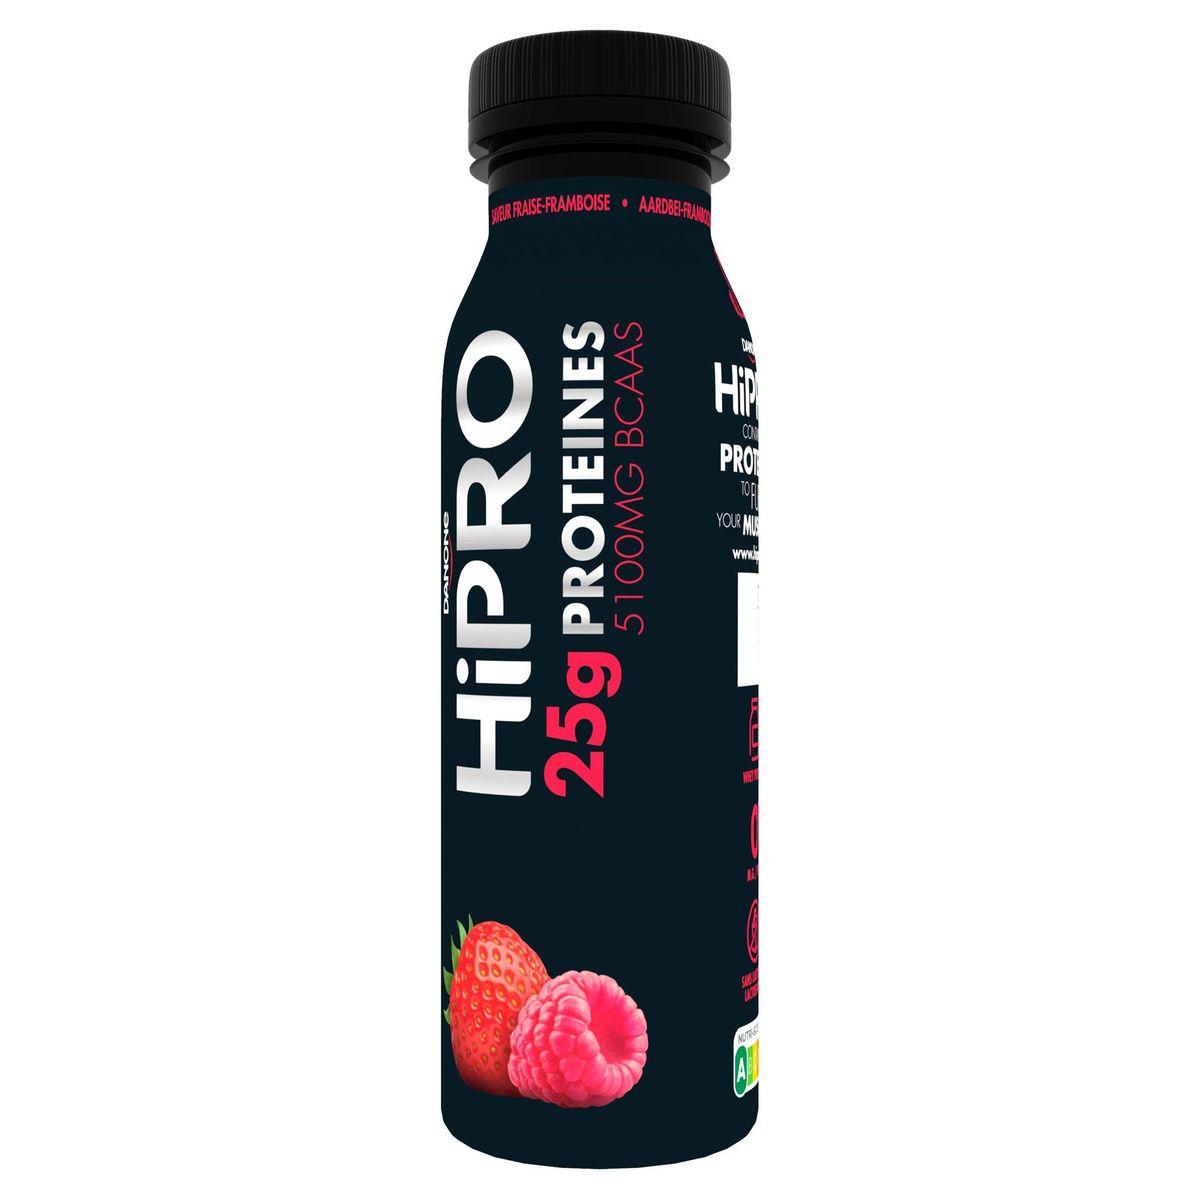 HiPRO à Boire Saveur Fraise-Framboise avec 25 g de Protéines 300 g